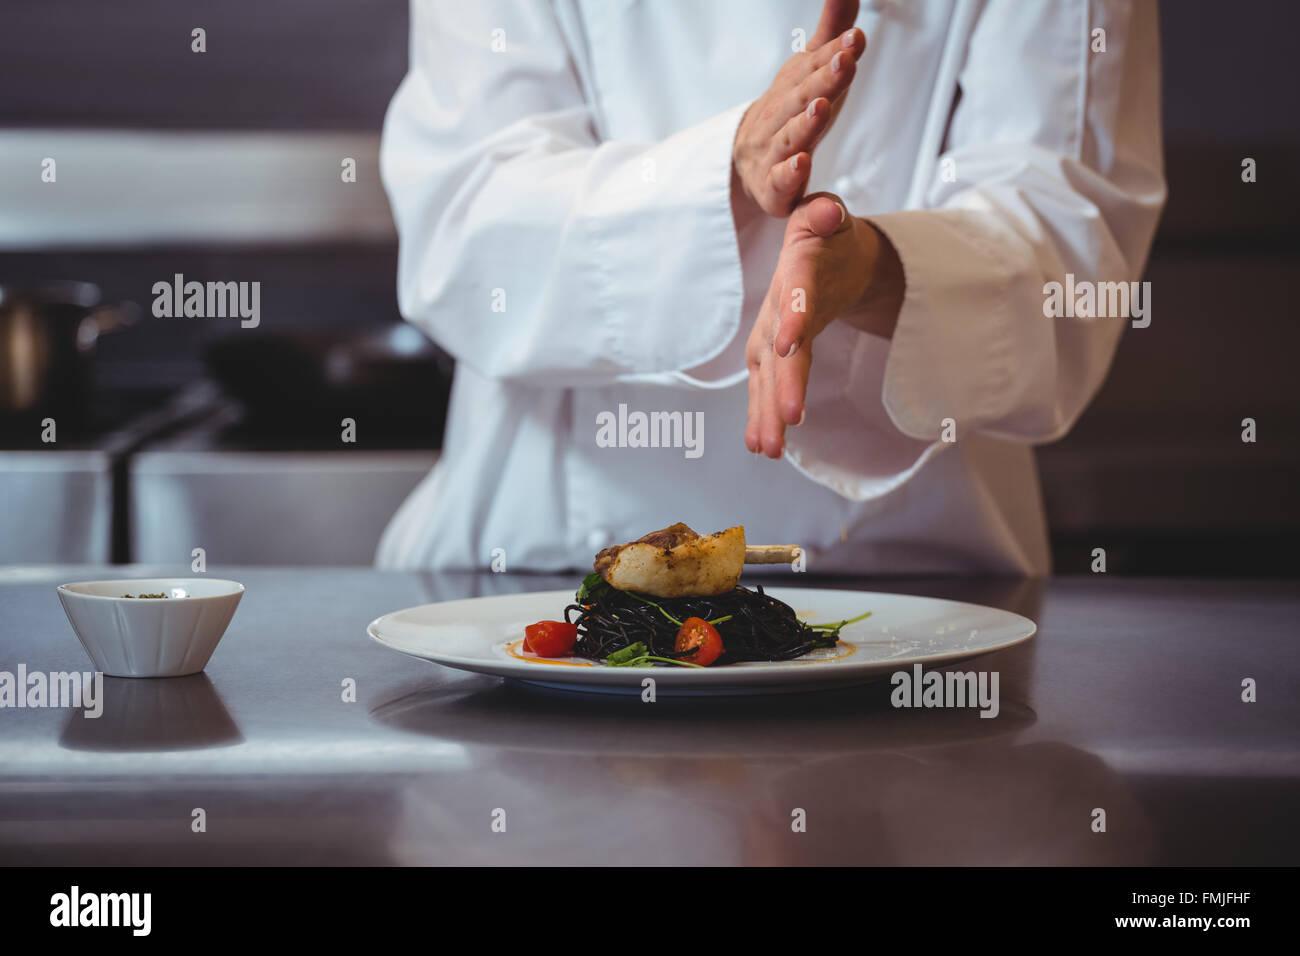 Koch prise gew rze auf teller stockfoto bild 98752347 for Koch auf englisch